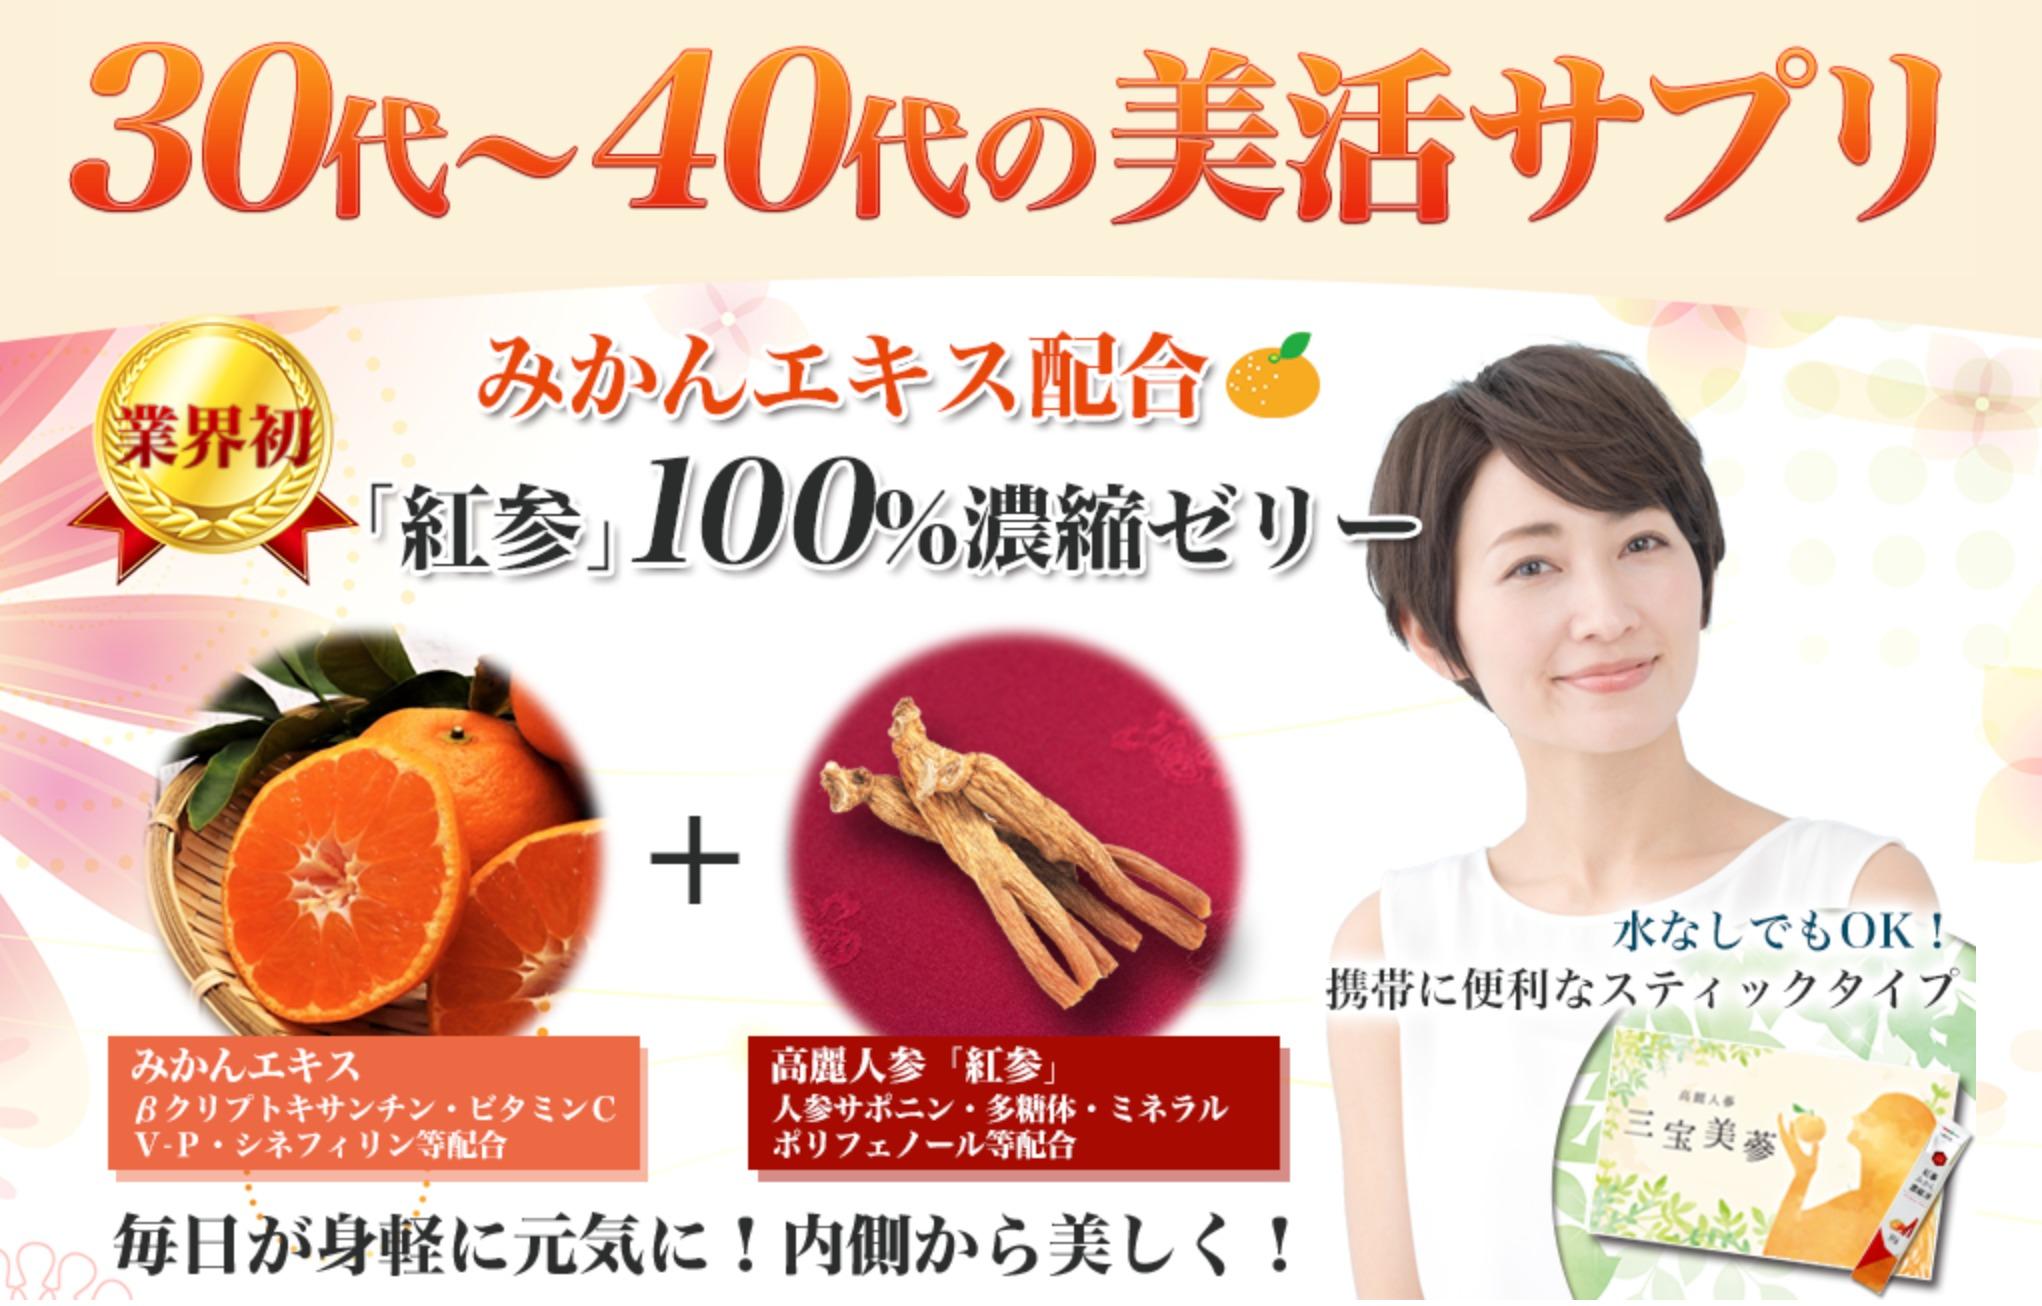 大人の美活サプリ三宝美参でホルモンバランスと健康を保とう!